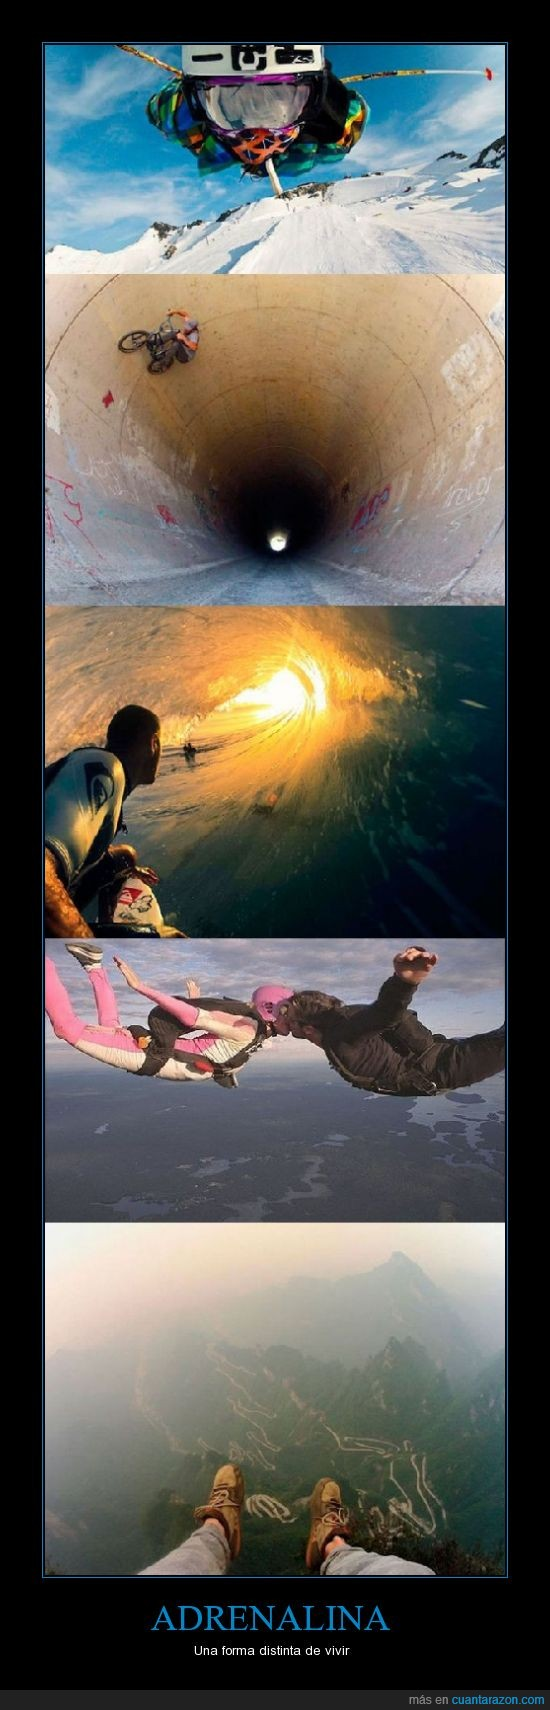 adrenalina,bicicletas,paracaidas,saltar,vivir